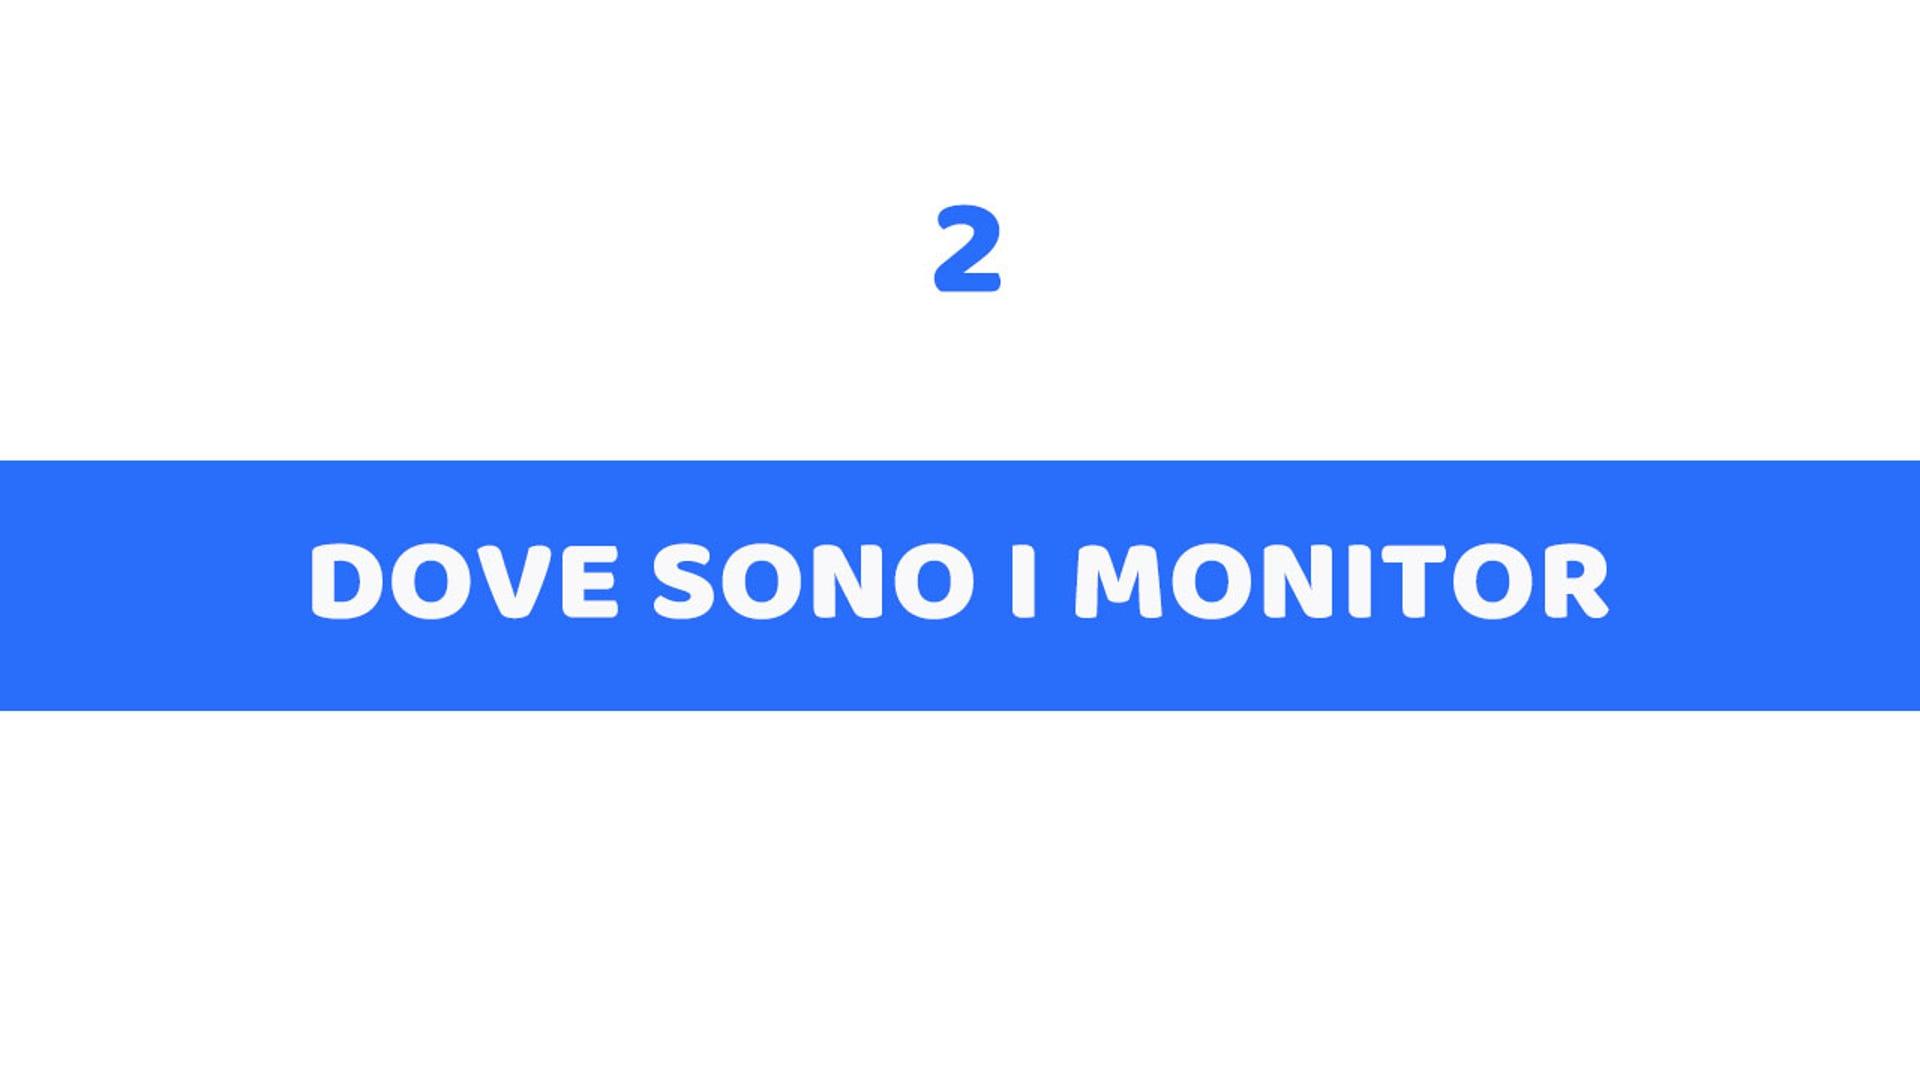 2 - DOVE SONO I MONITOR